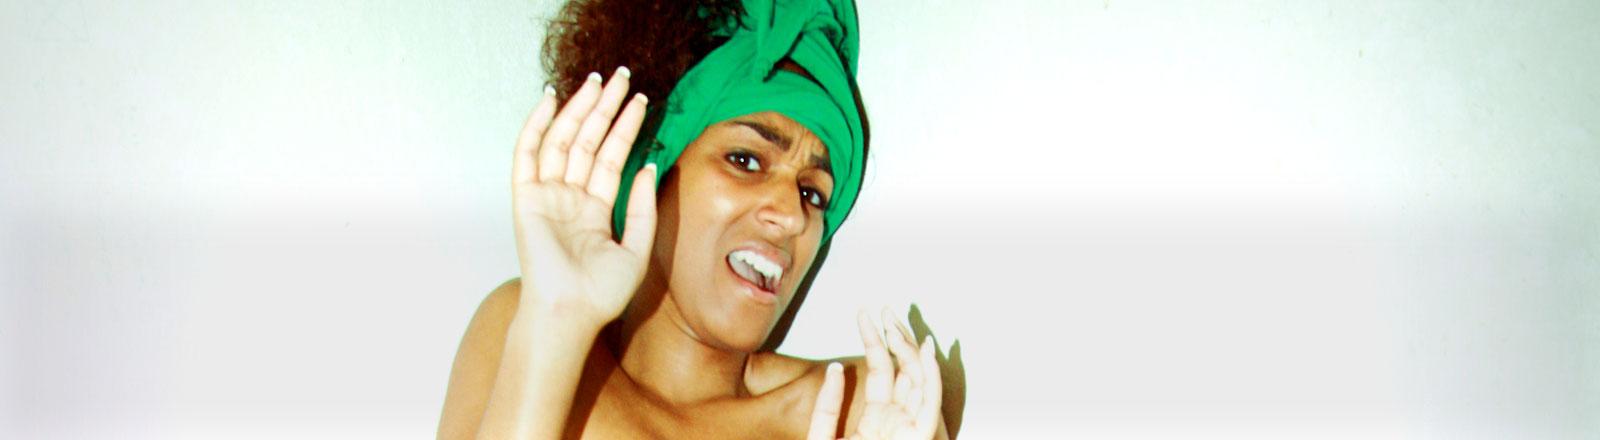 Eine Frau mit grünem Tuch in den Haaren macht eine abwehrende Bewegung.